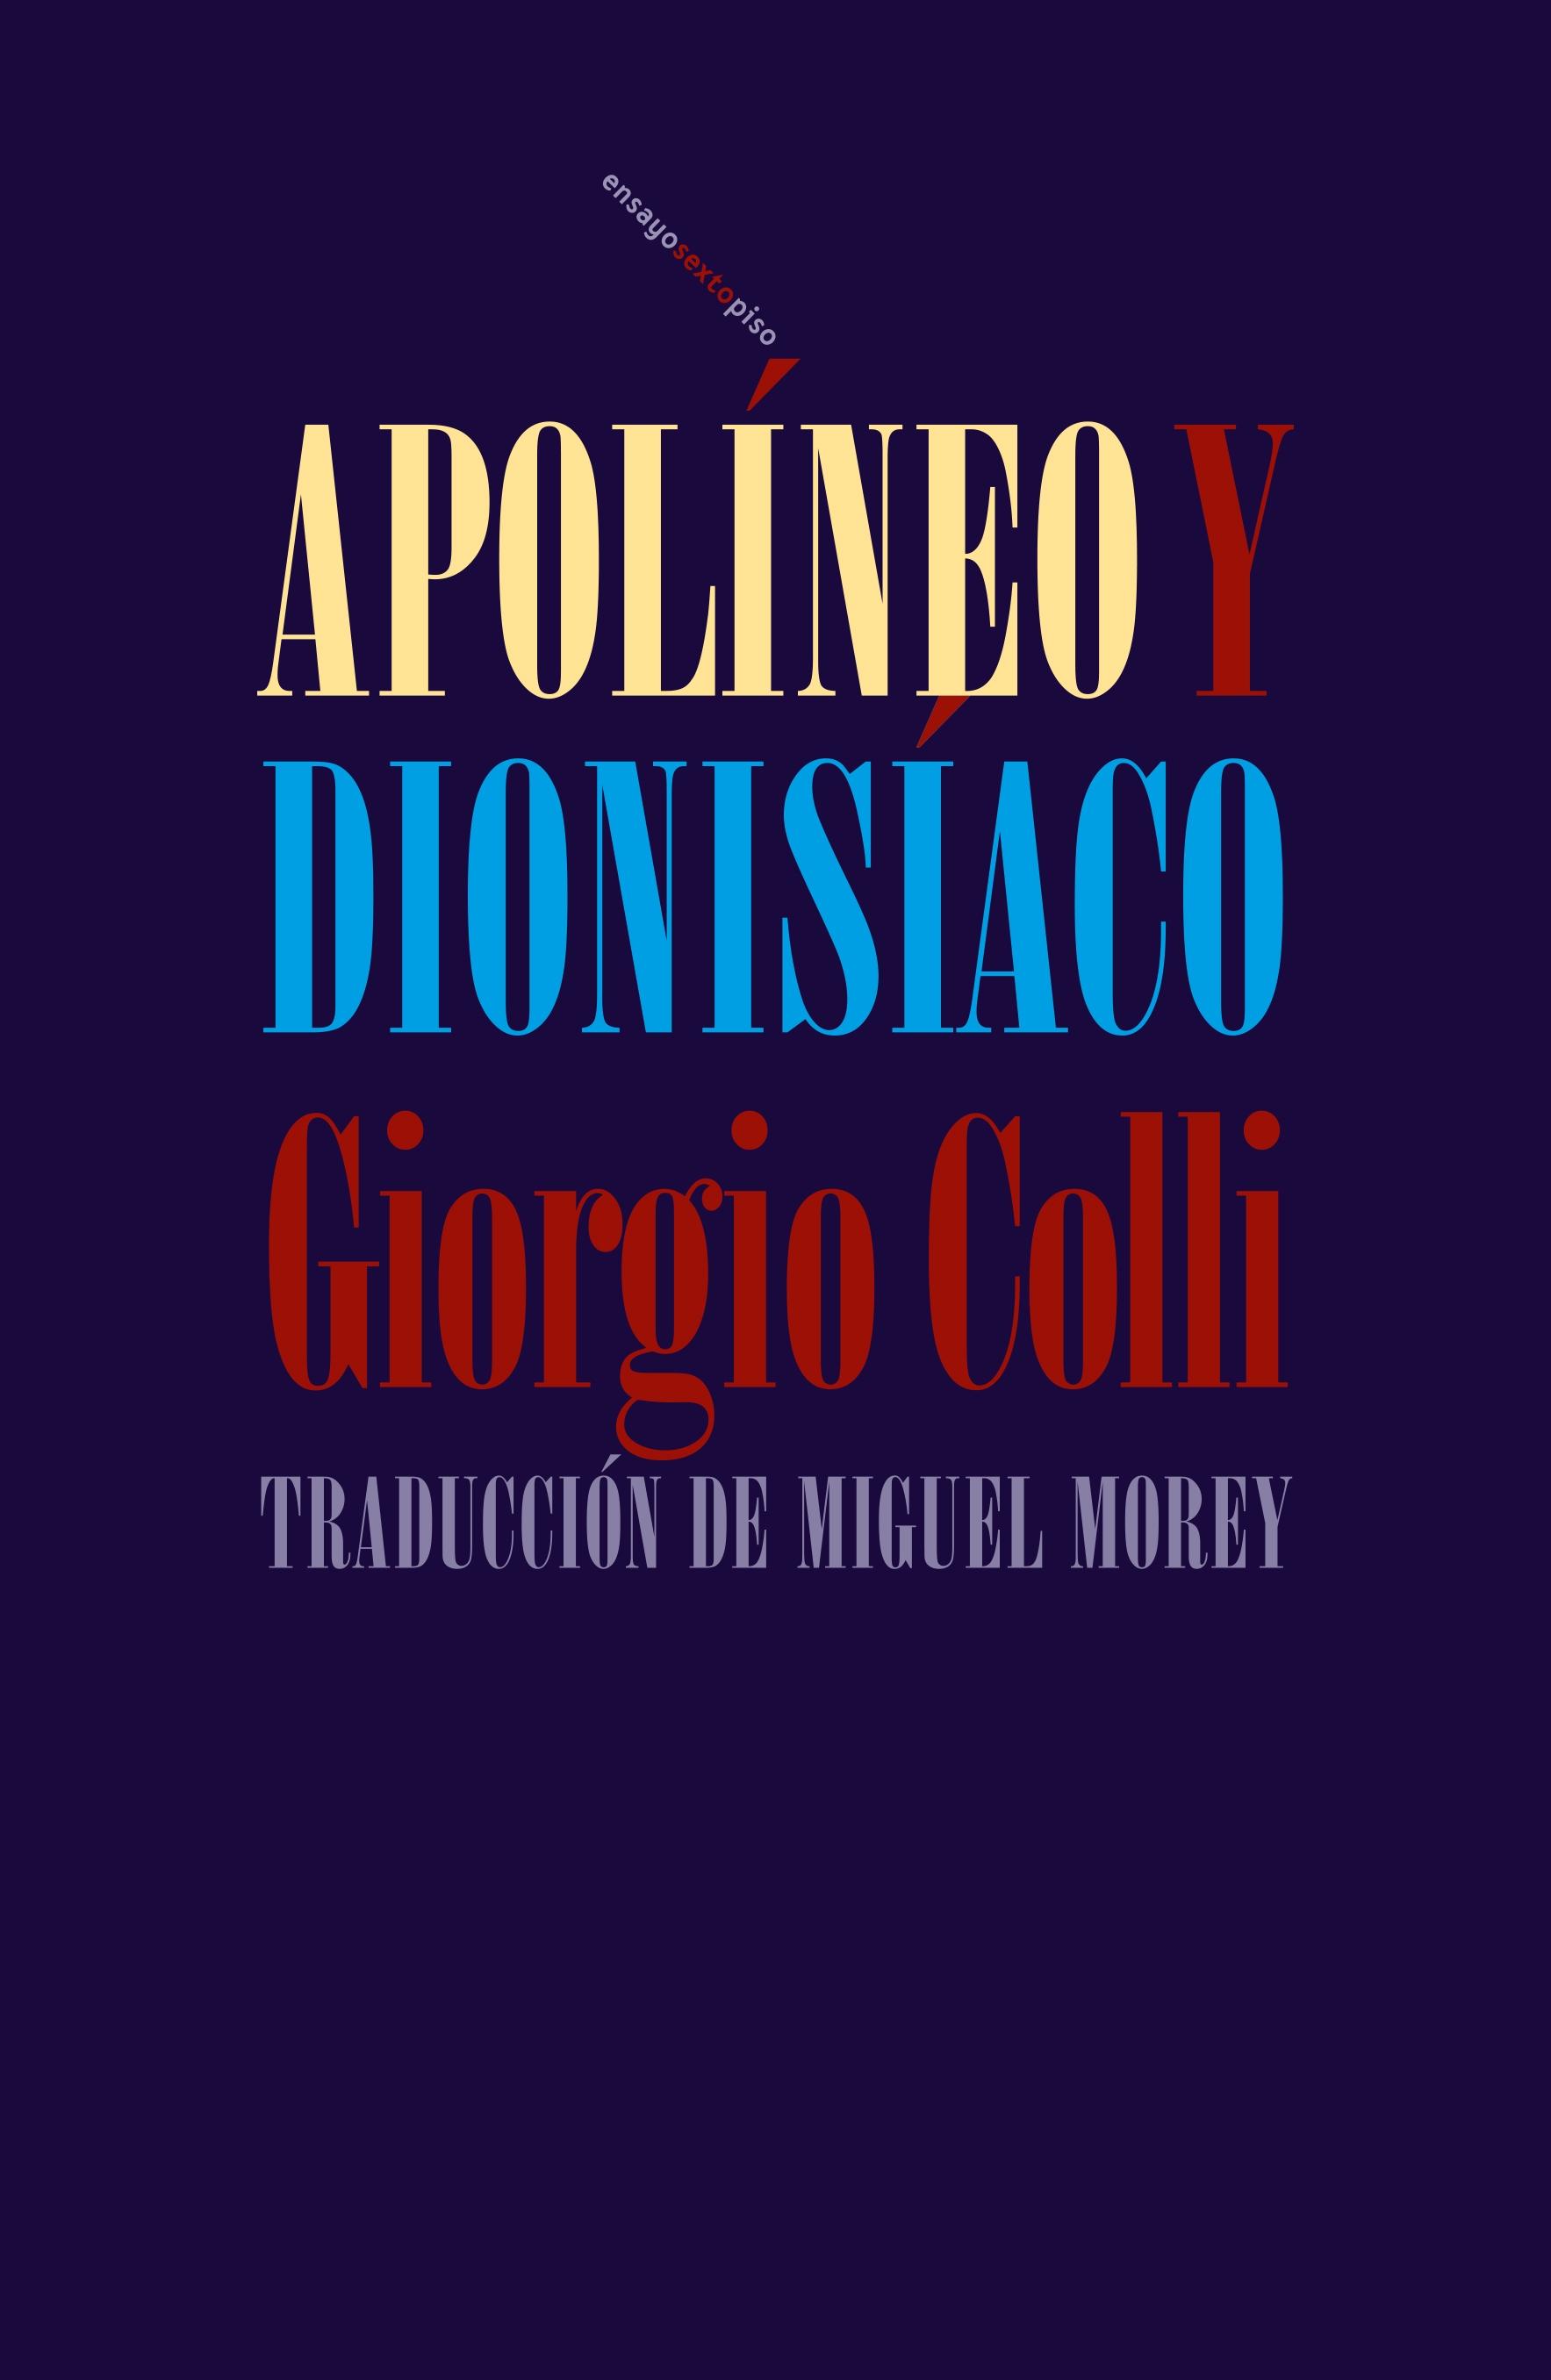 apolineo-y-dionisiaco